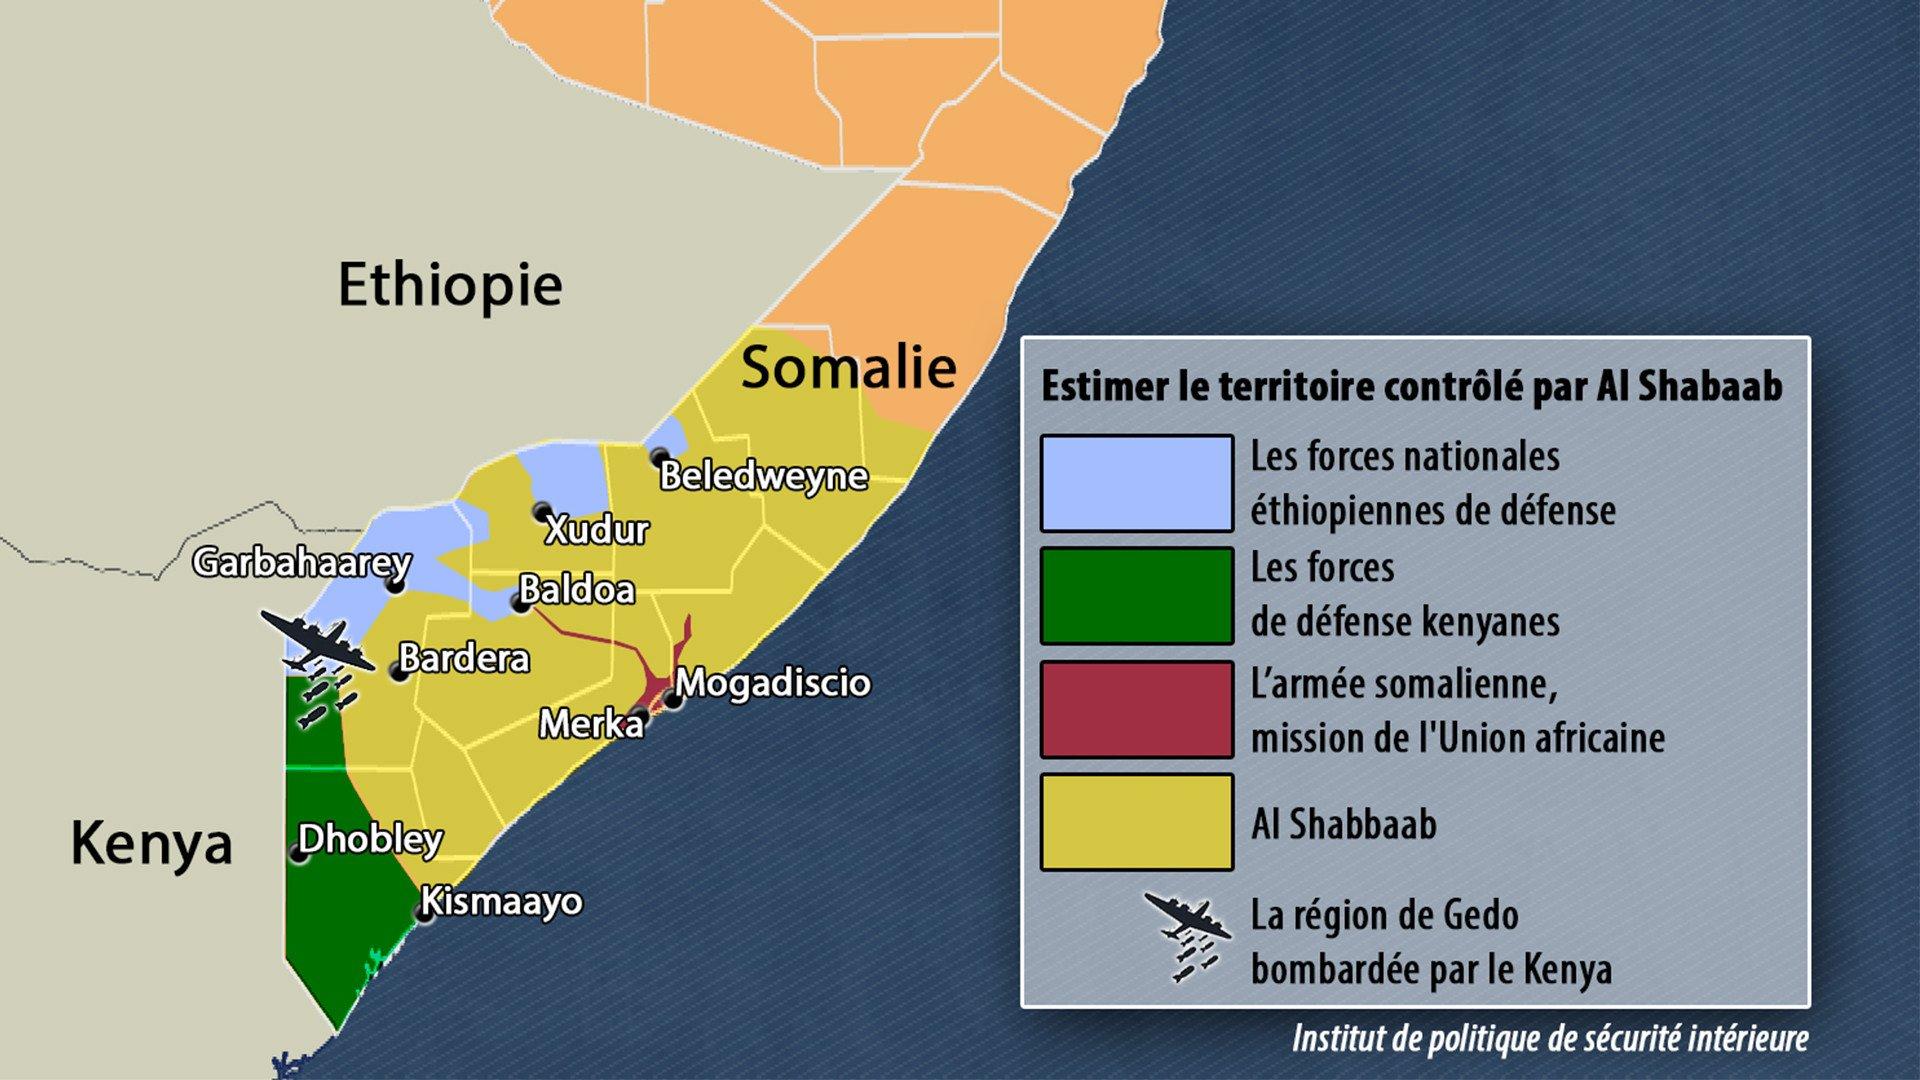 Des avions de combat kenyans bombardent les camps d'Al Shabaab en Somalie